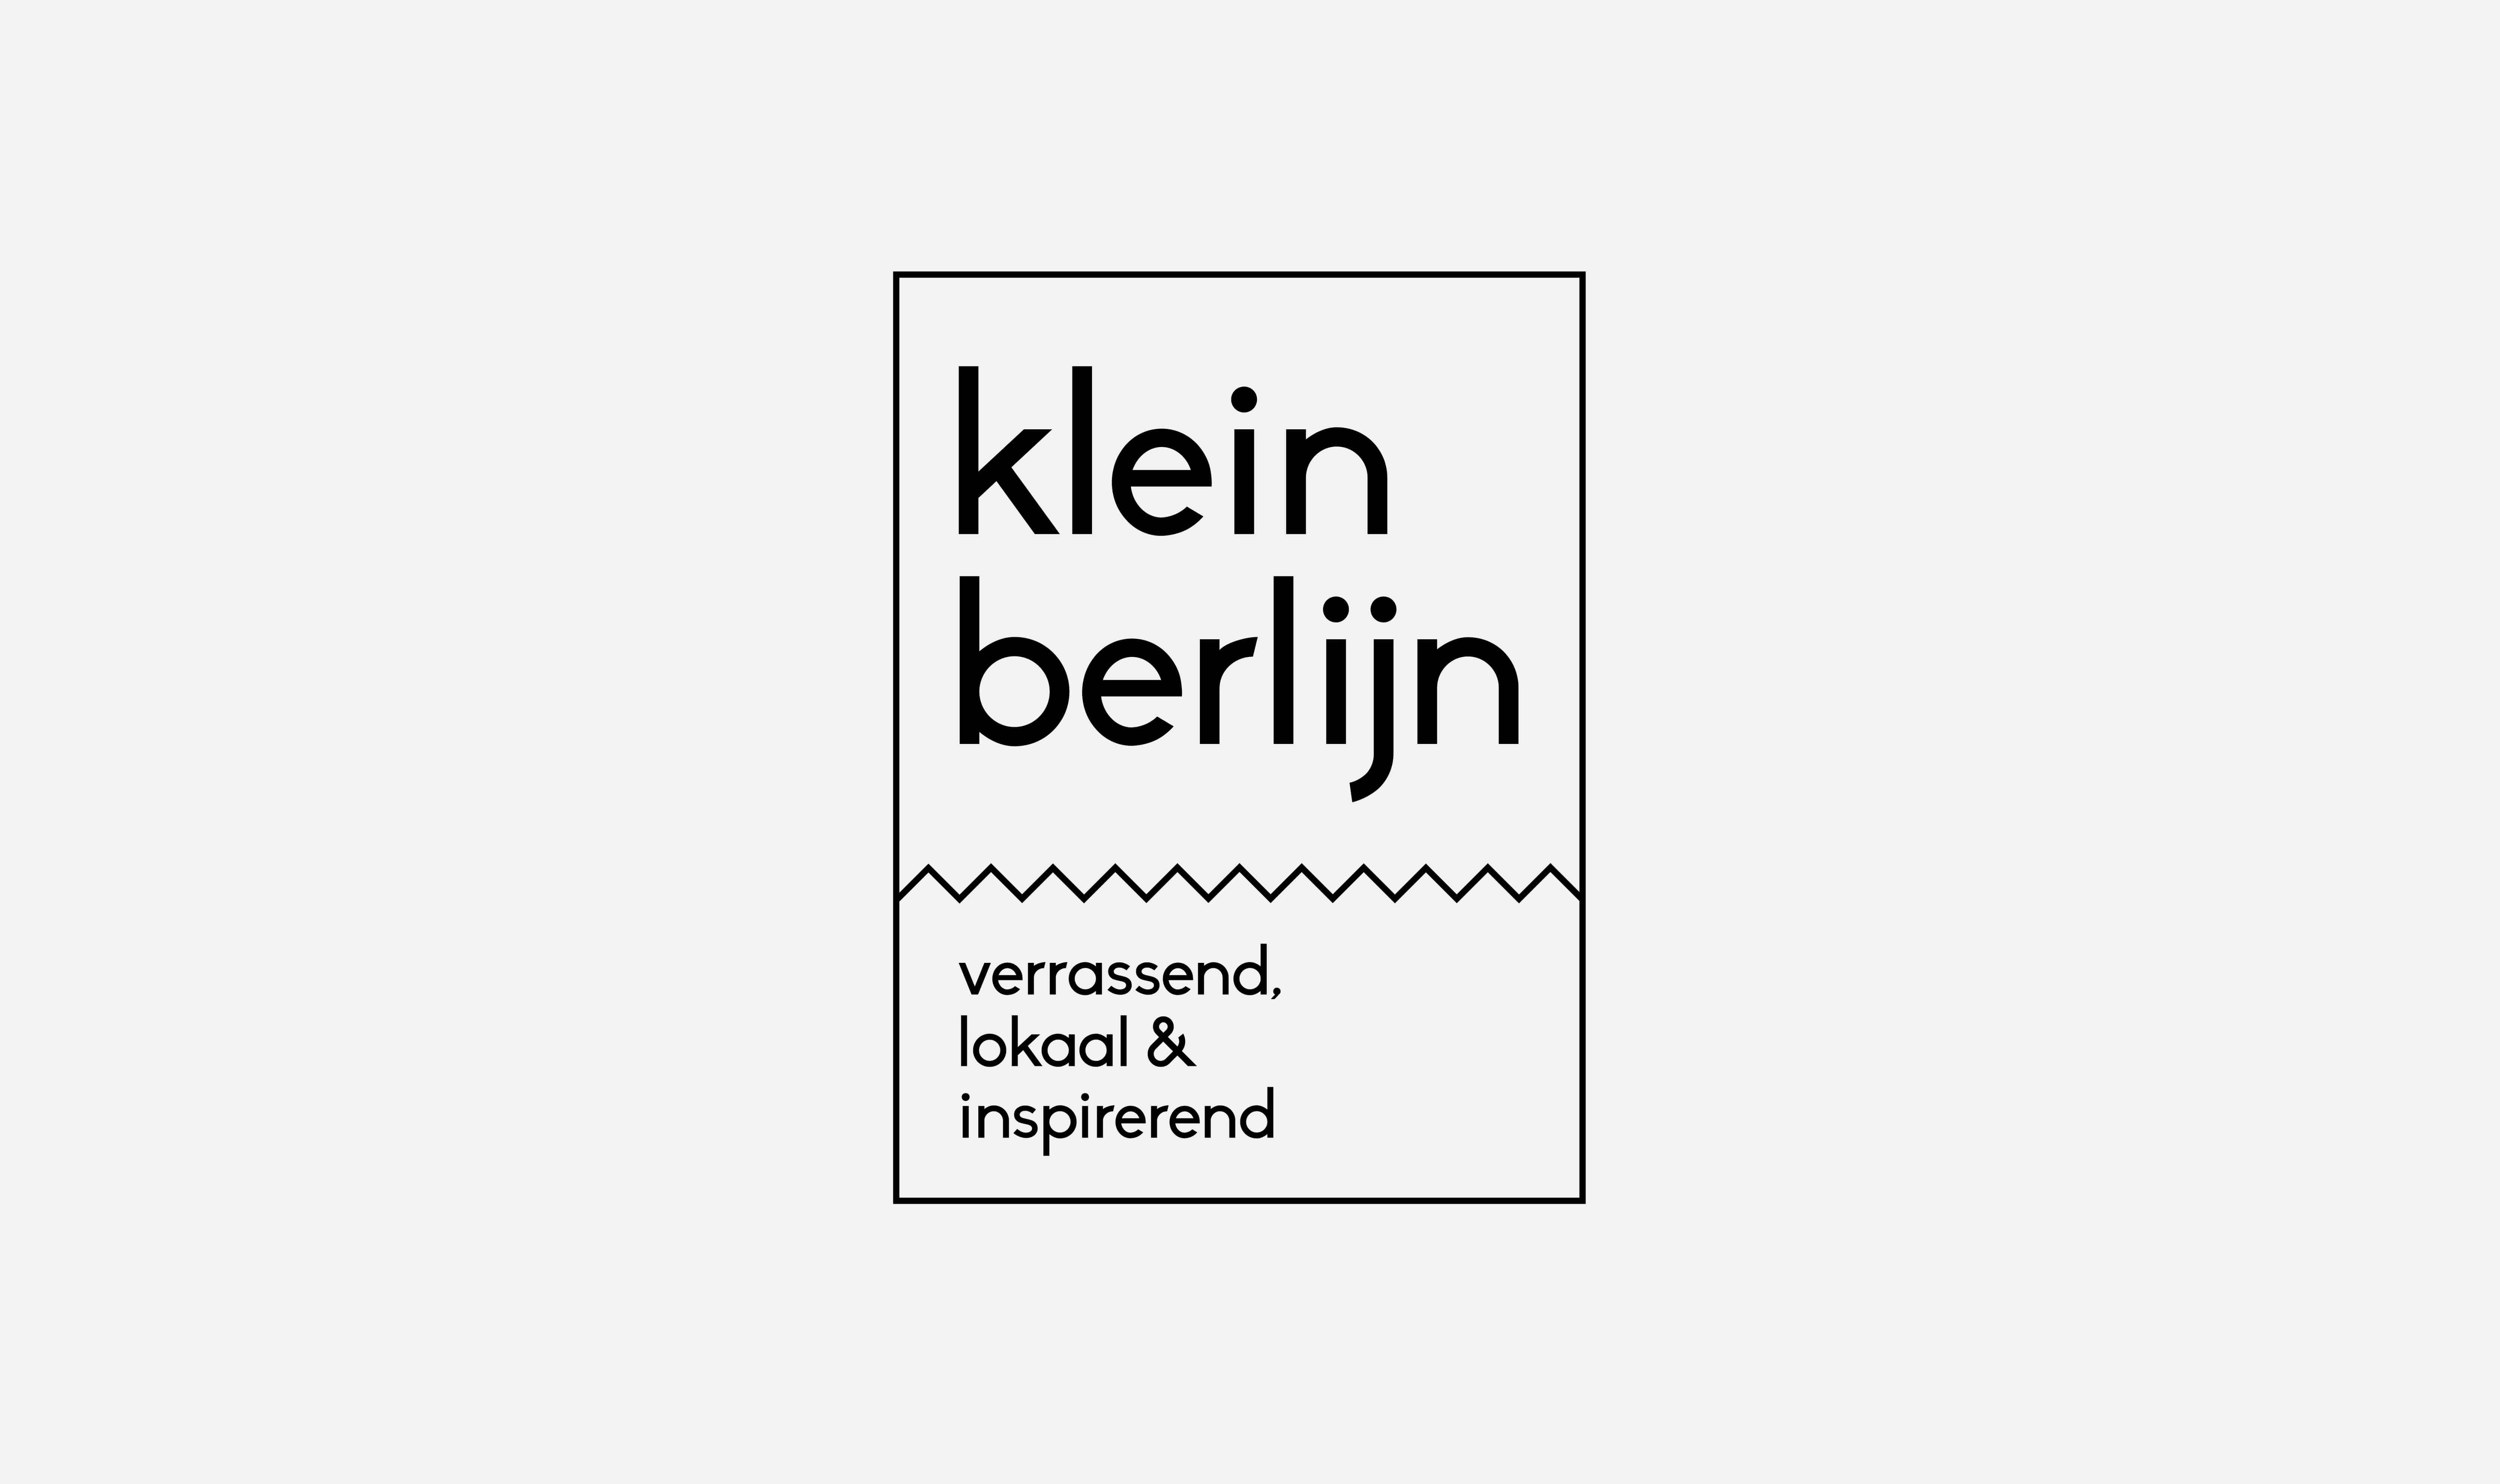 Klein Berlijn